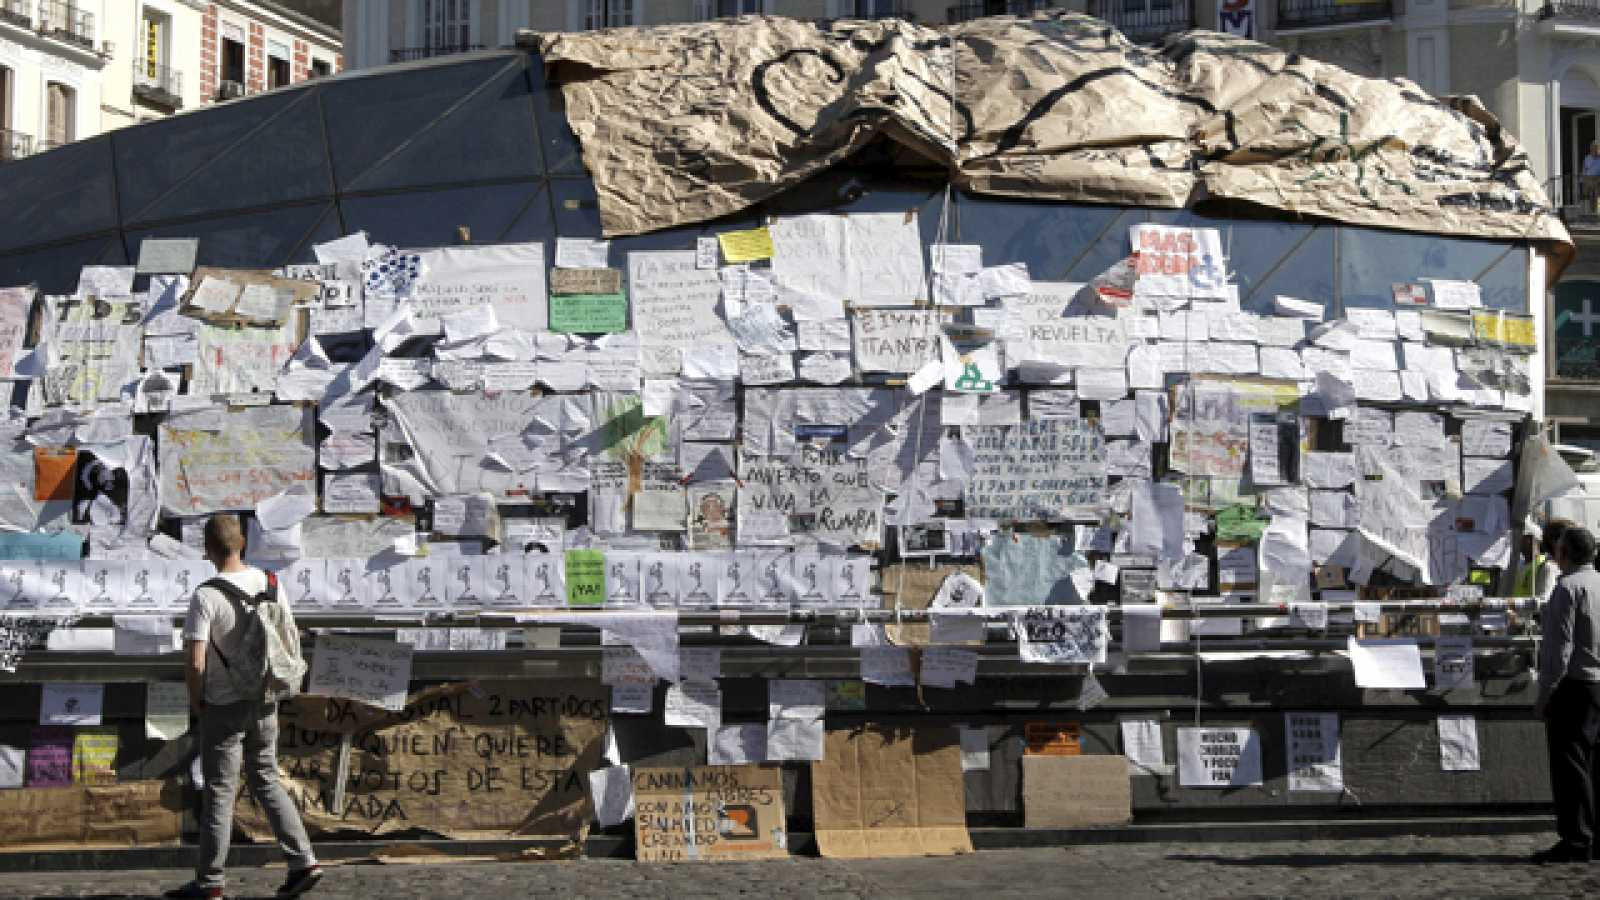 En la Puerta del Sol de Madrid se cumple la primera semana de la acampada del movimiento 15-M